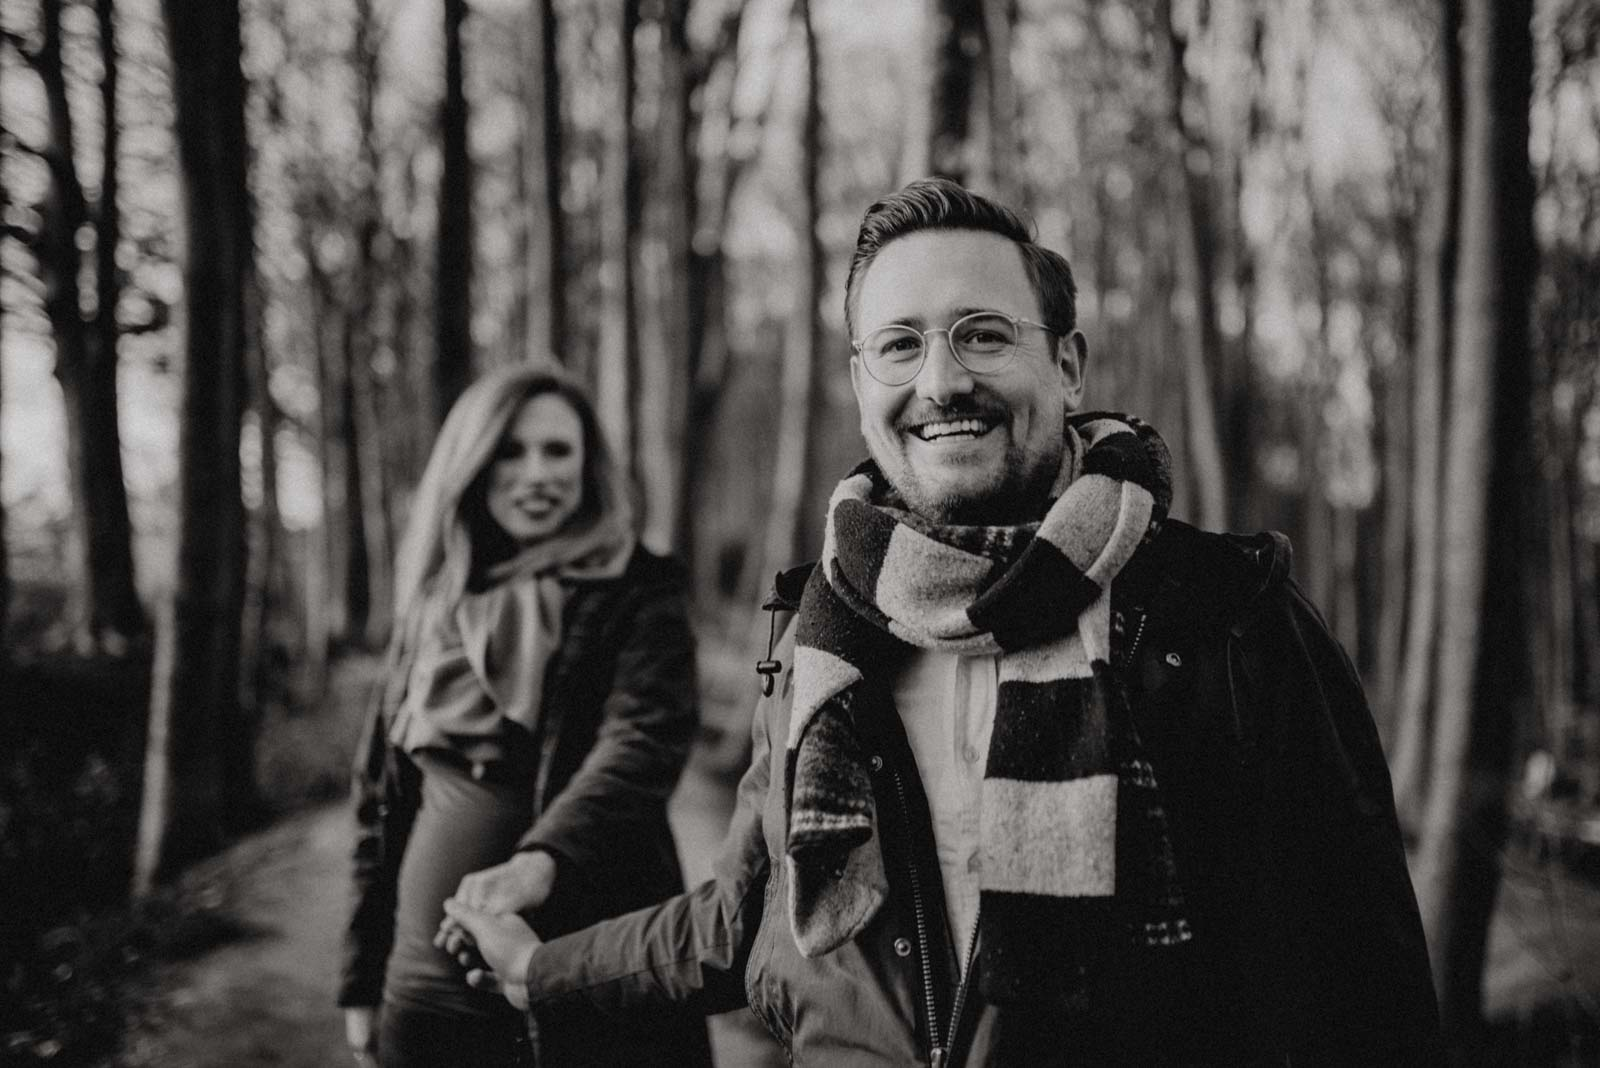 Männerportrait beim babybauchshooting im Wald